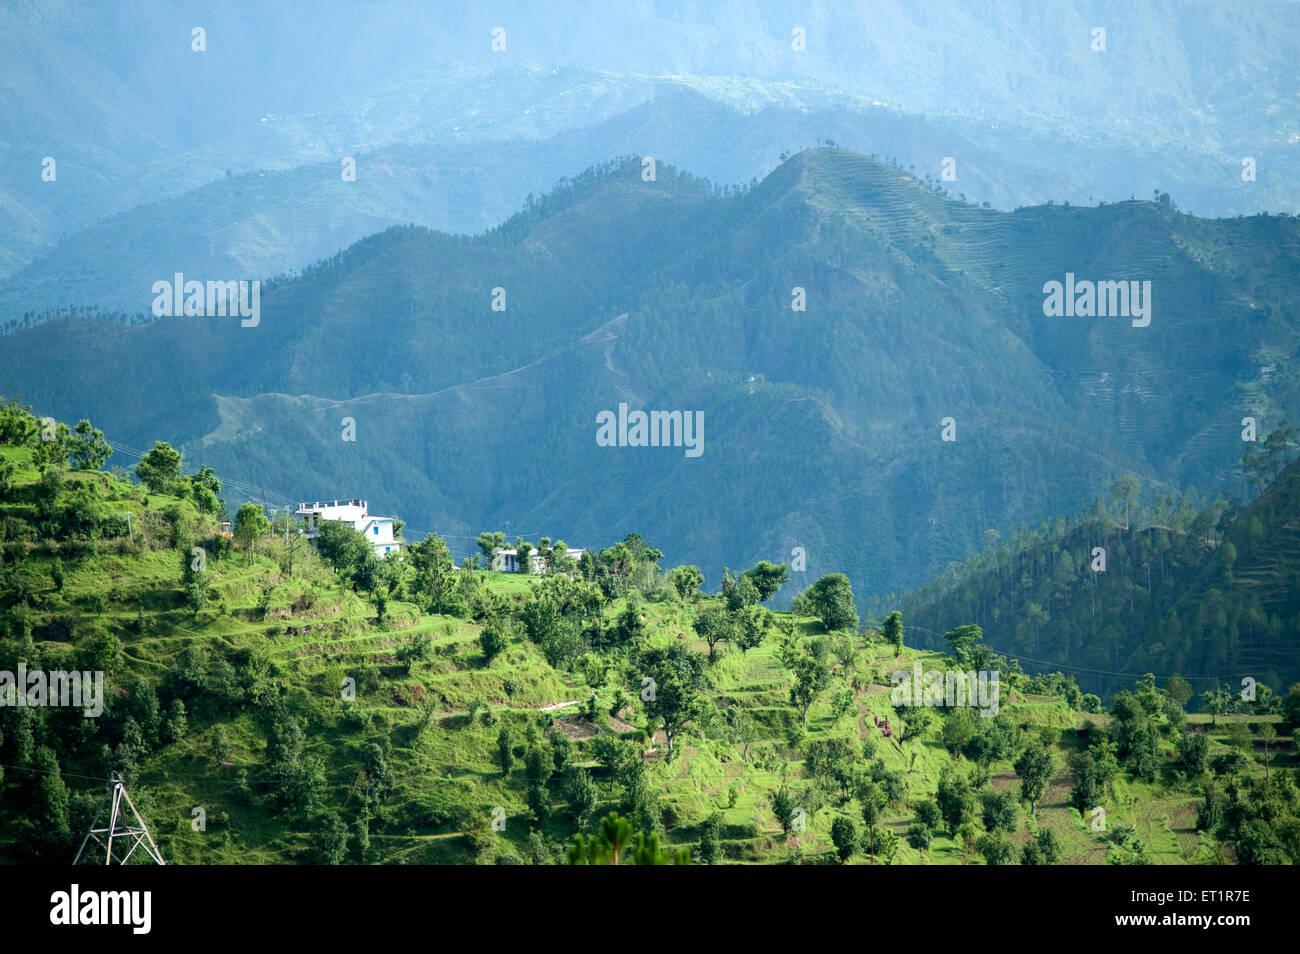 Landscape of valley of uttarakhand India Asia - Stock Image